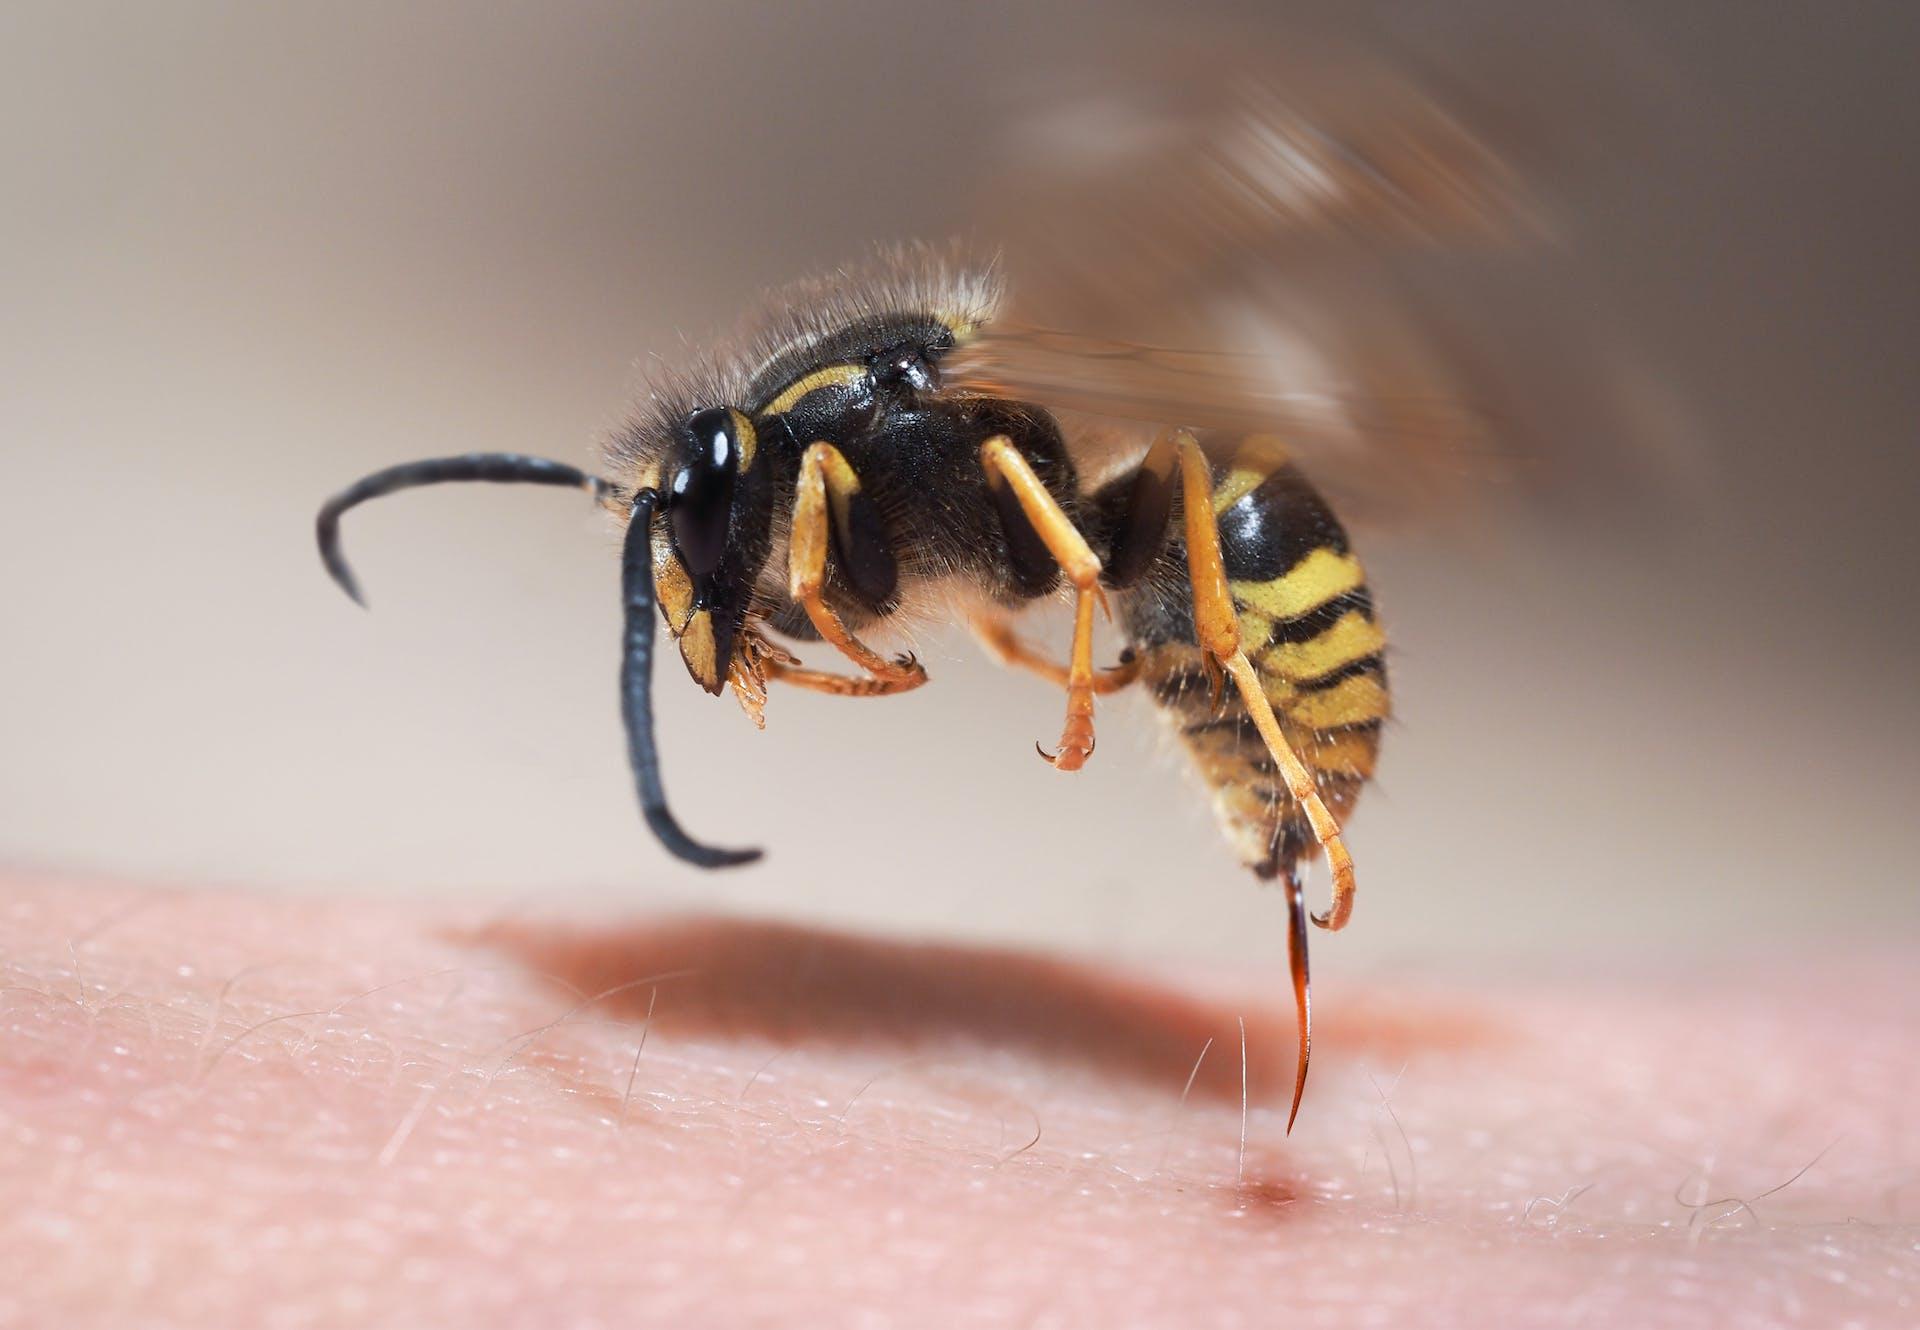 Et stik fra en hveps kan være livsfarligt